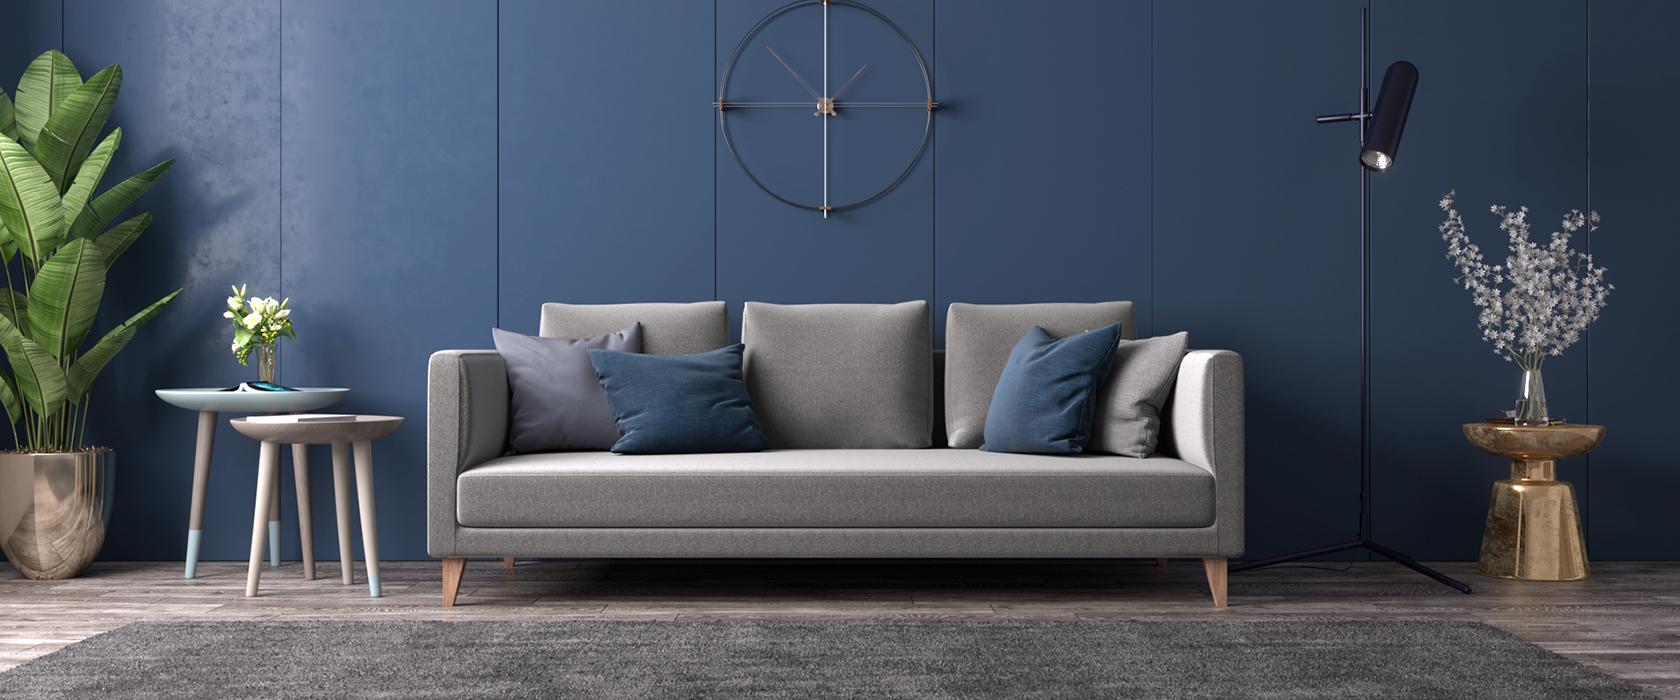 Трехместный диван Augusto - Фото 2 - Pufetto